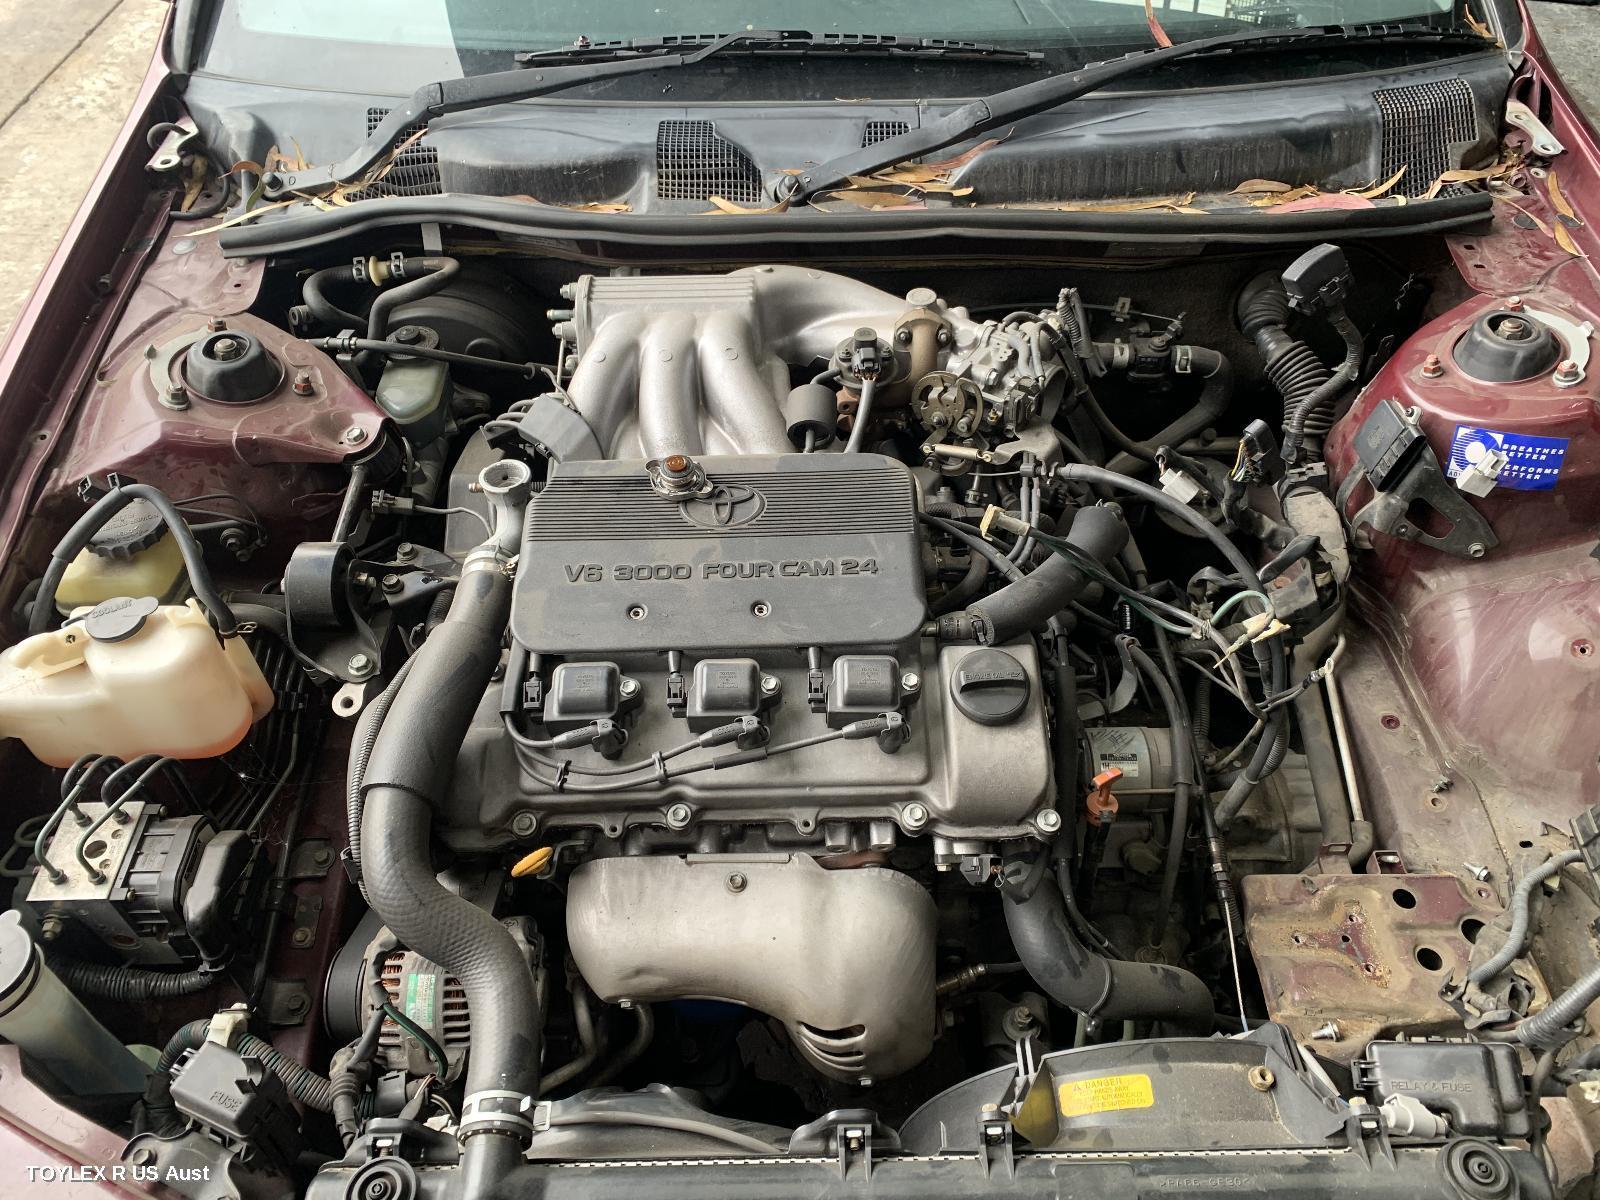 TOYOTA CAMRY, Engine, PETROL, 3.0 V6, 1MZ, SK20, 08/97-08/02